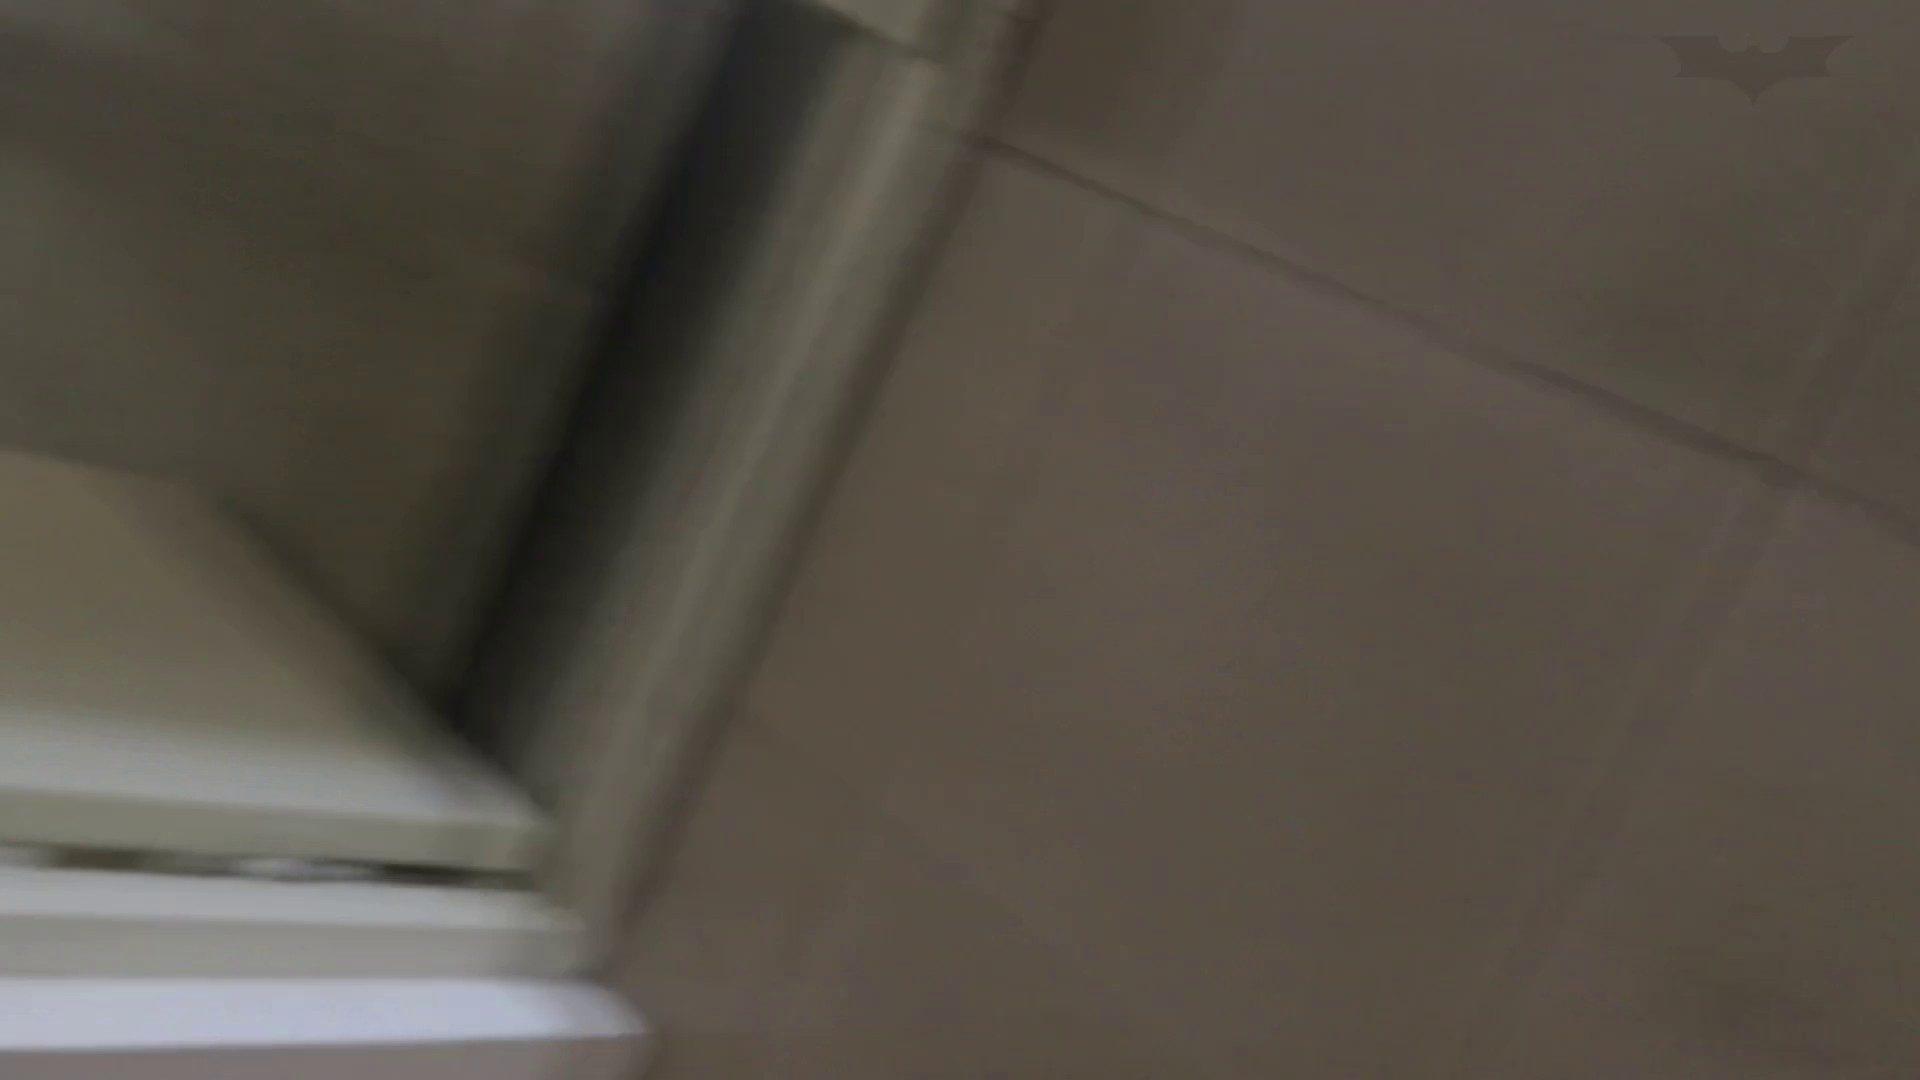 芸術大学ガチ潜入盗撮 JD盗撮 美女の洗面所の秘密 Vol.90 洗面所着替え | 盗撮エロすぎ  44連発 32